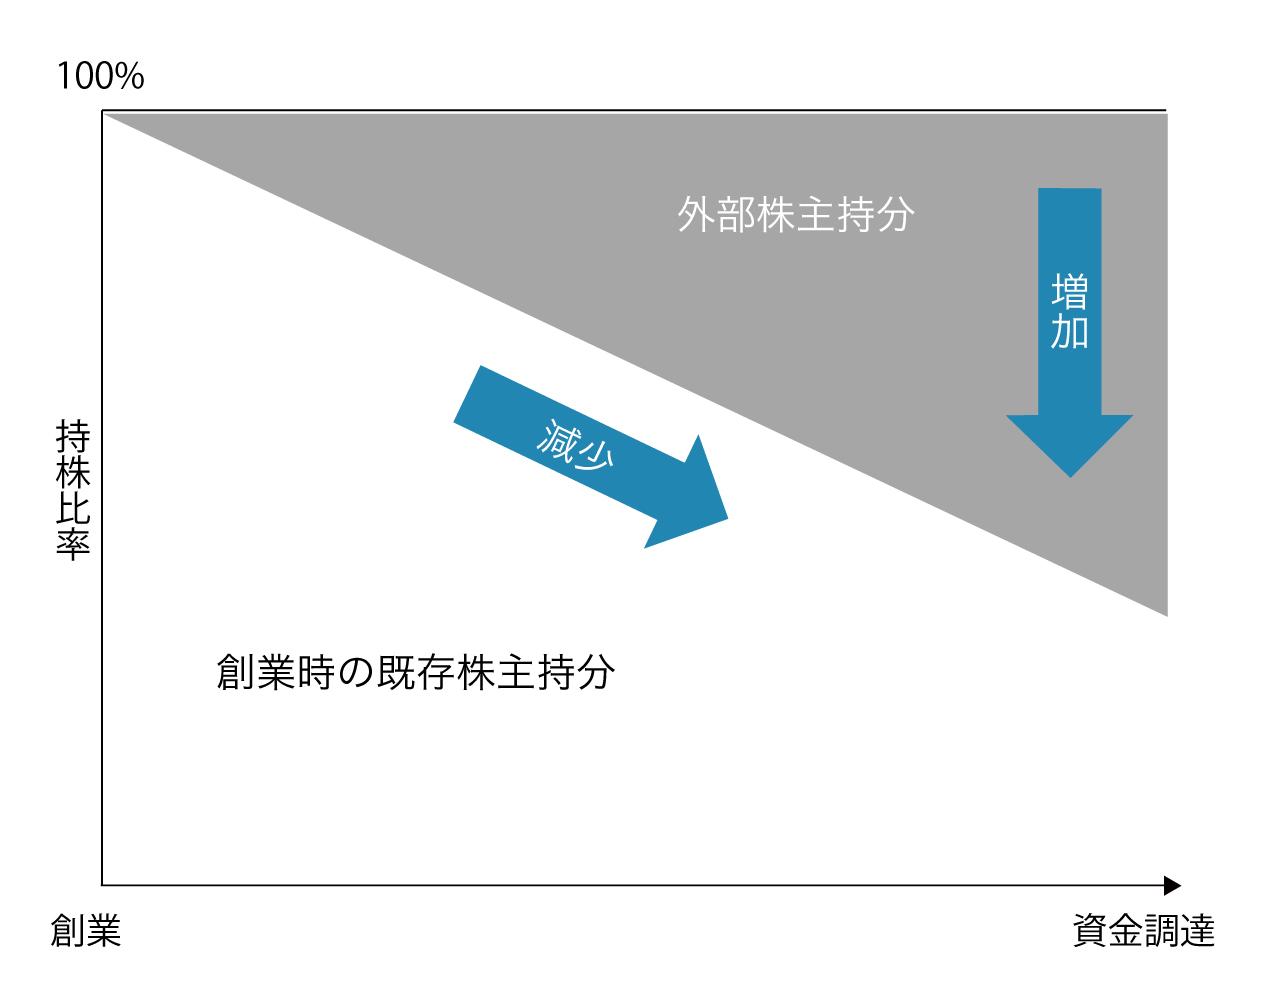 ノマドジャーナル掲載イラスト(資金調達と株主構成のバランス)